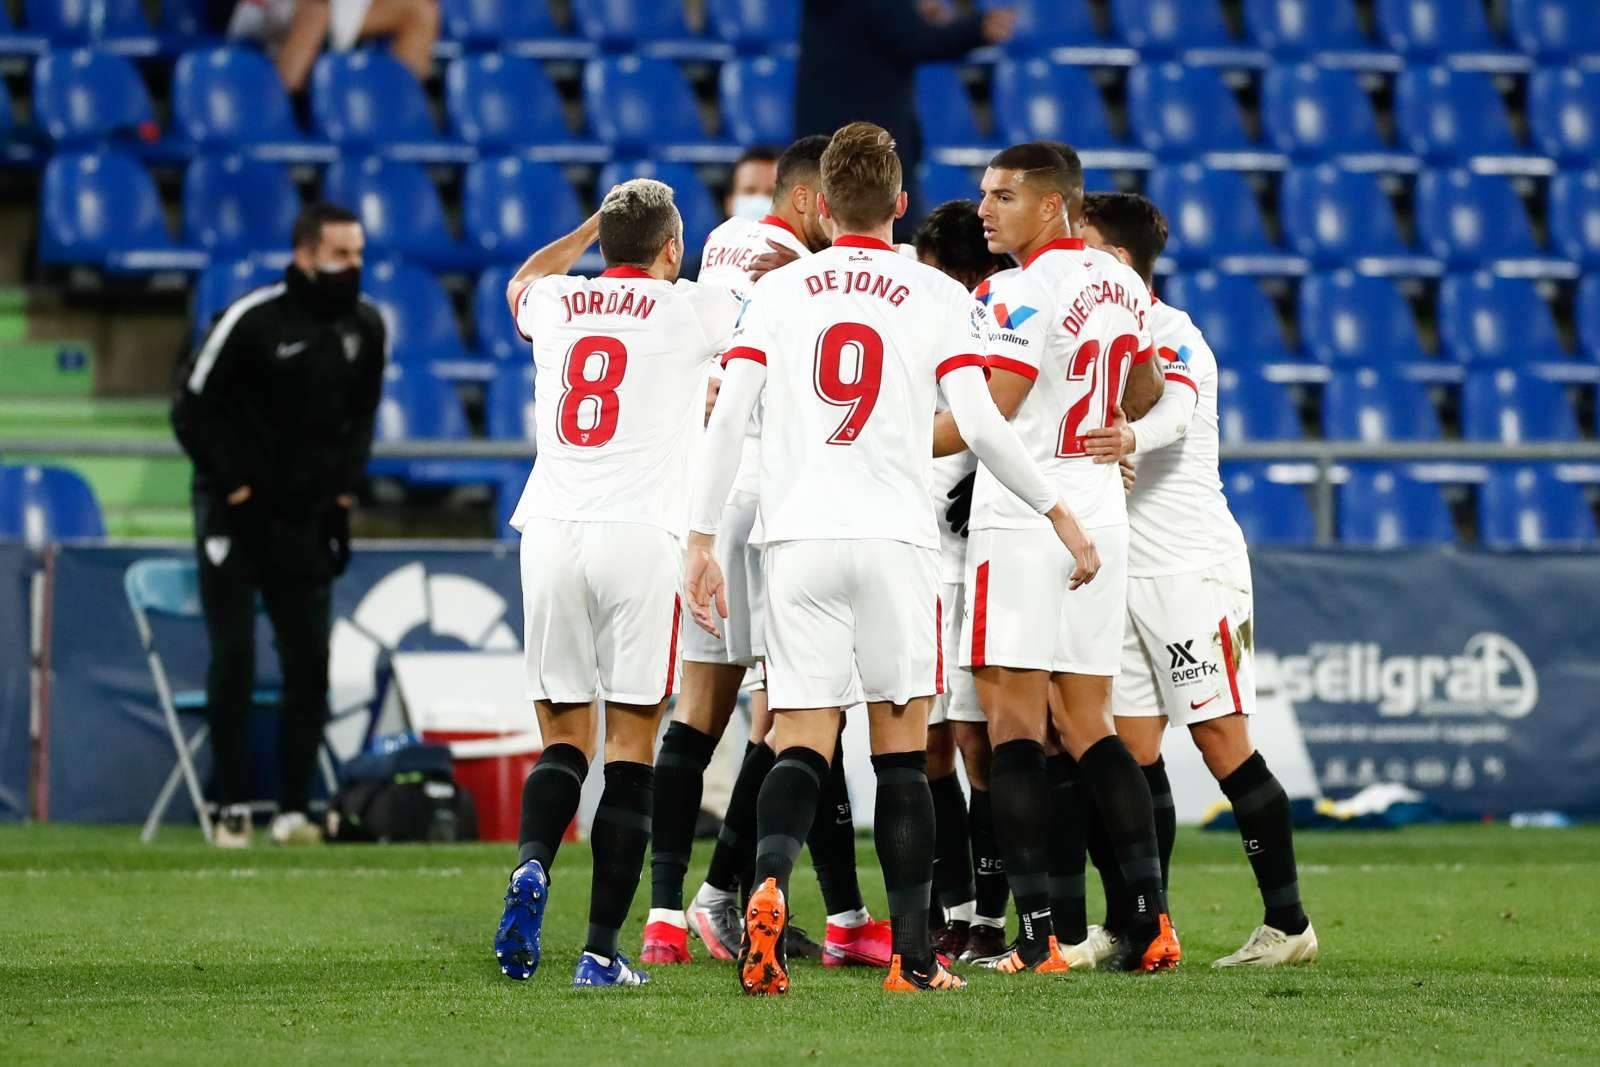 «Севилья» продолжает борьбу за медали после победы над «Реал Сосьедадом»